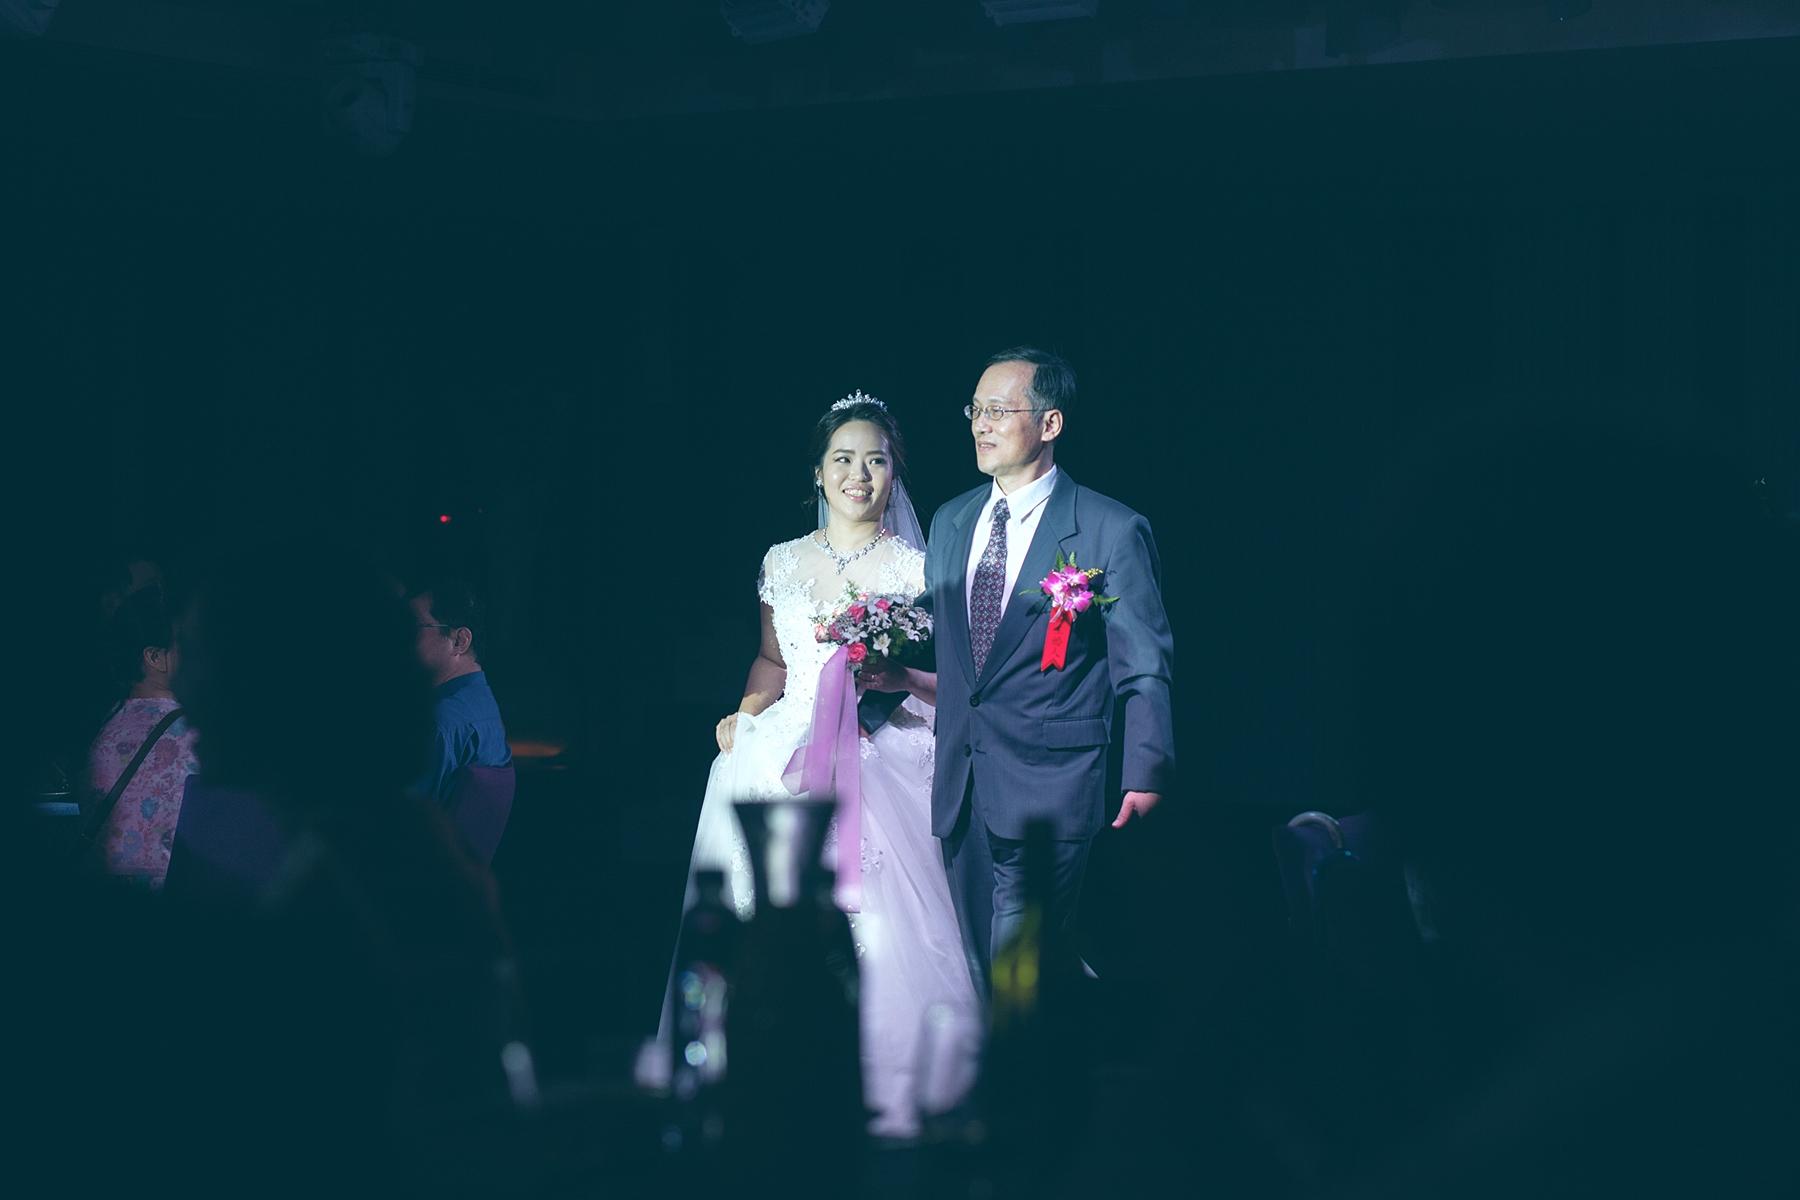 【婚禮攝影 台北】晟銘 & 佩鑫 | 維多麗亞酒店 底片風格